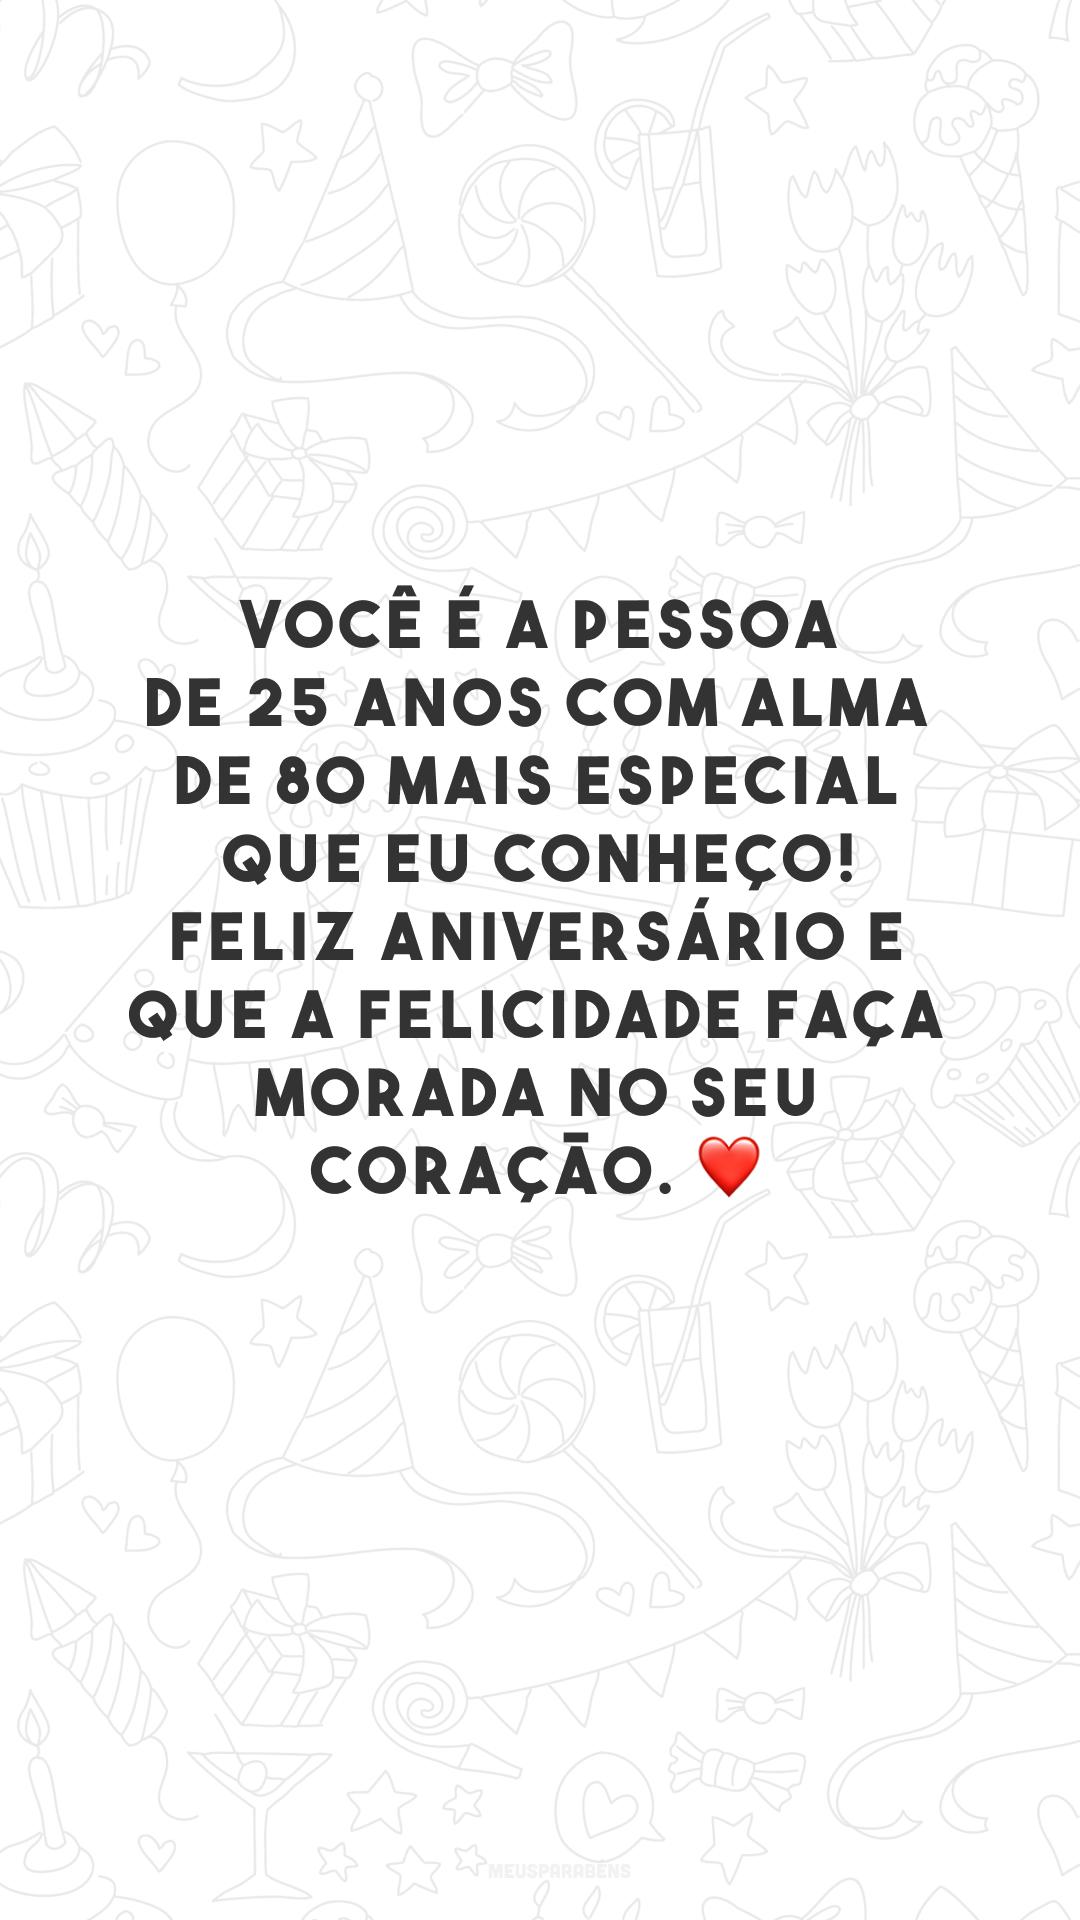 Você é a pessoa de 25 anos com alma de 80 mais especial que eu conheço! Feliz aniversário e que a felicidade faça morada no seu coração. ❤️